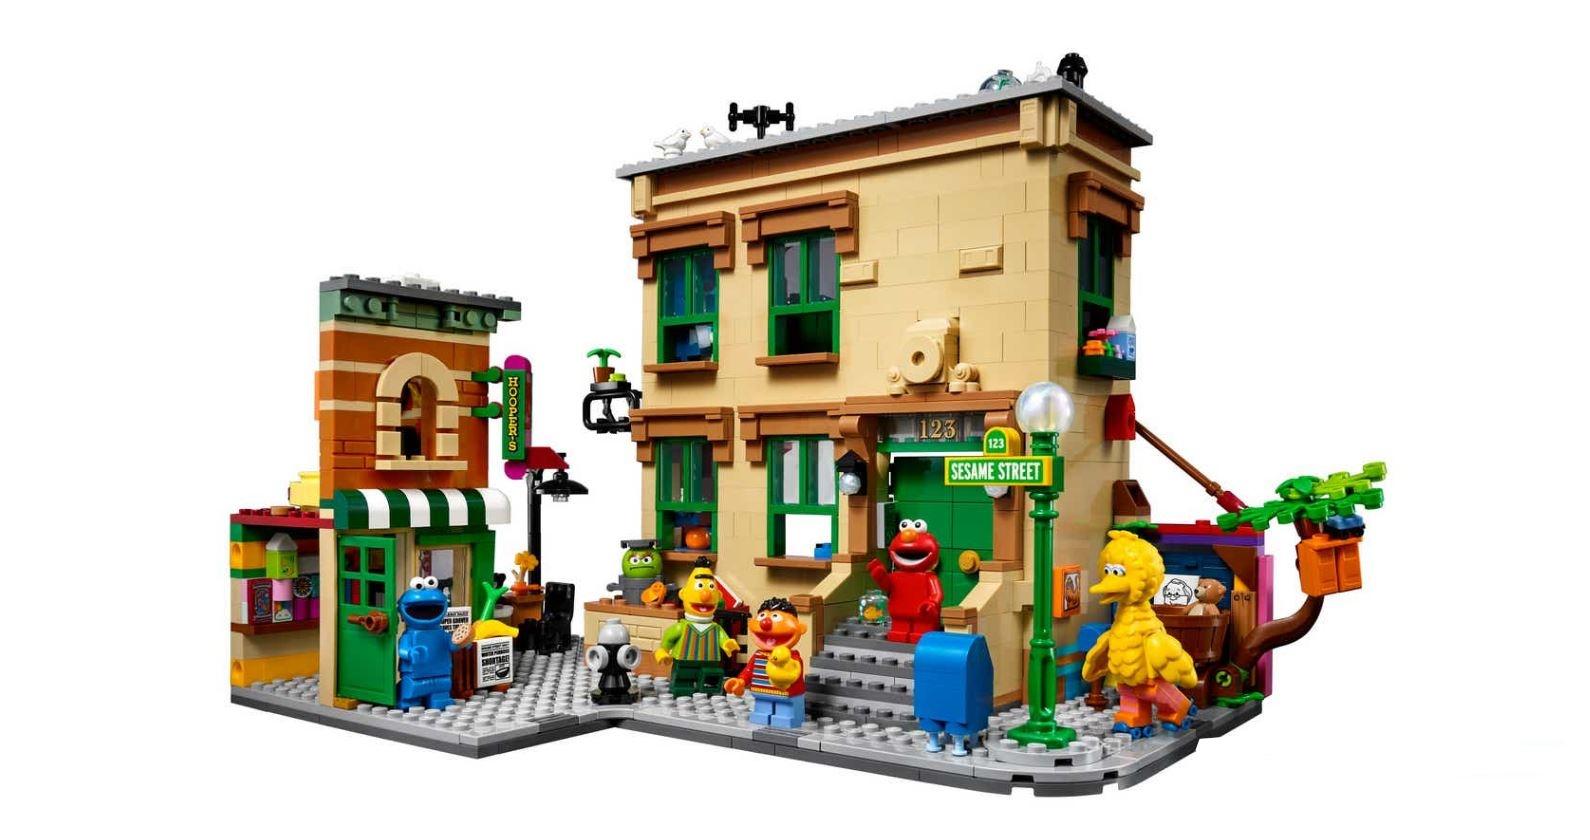 شارع سمسم أو افتح يا سمسم وشخصيات أنيس وبدر المرحة في مكعبات LEGO الجديدة